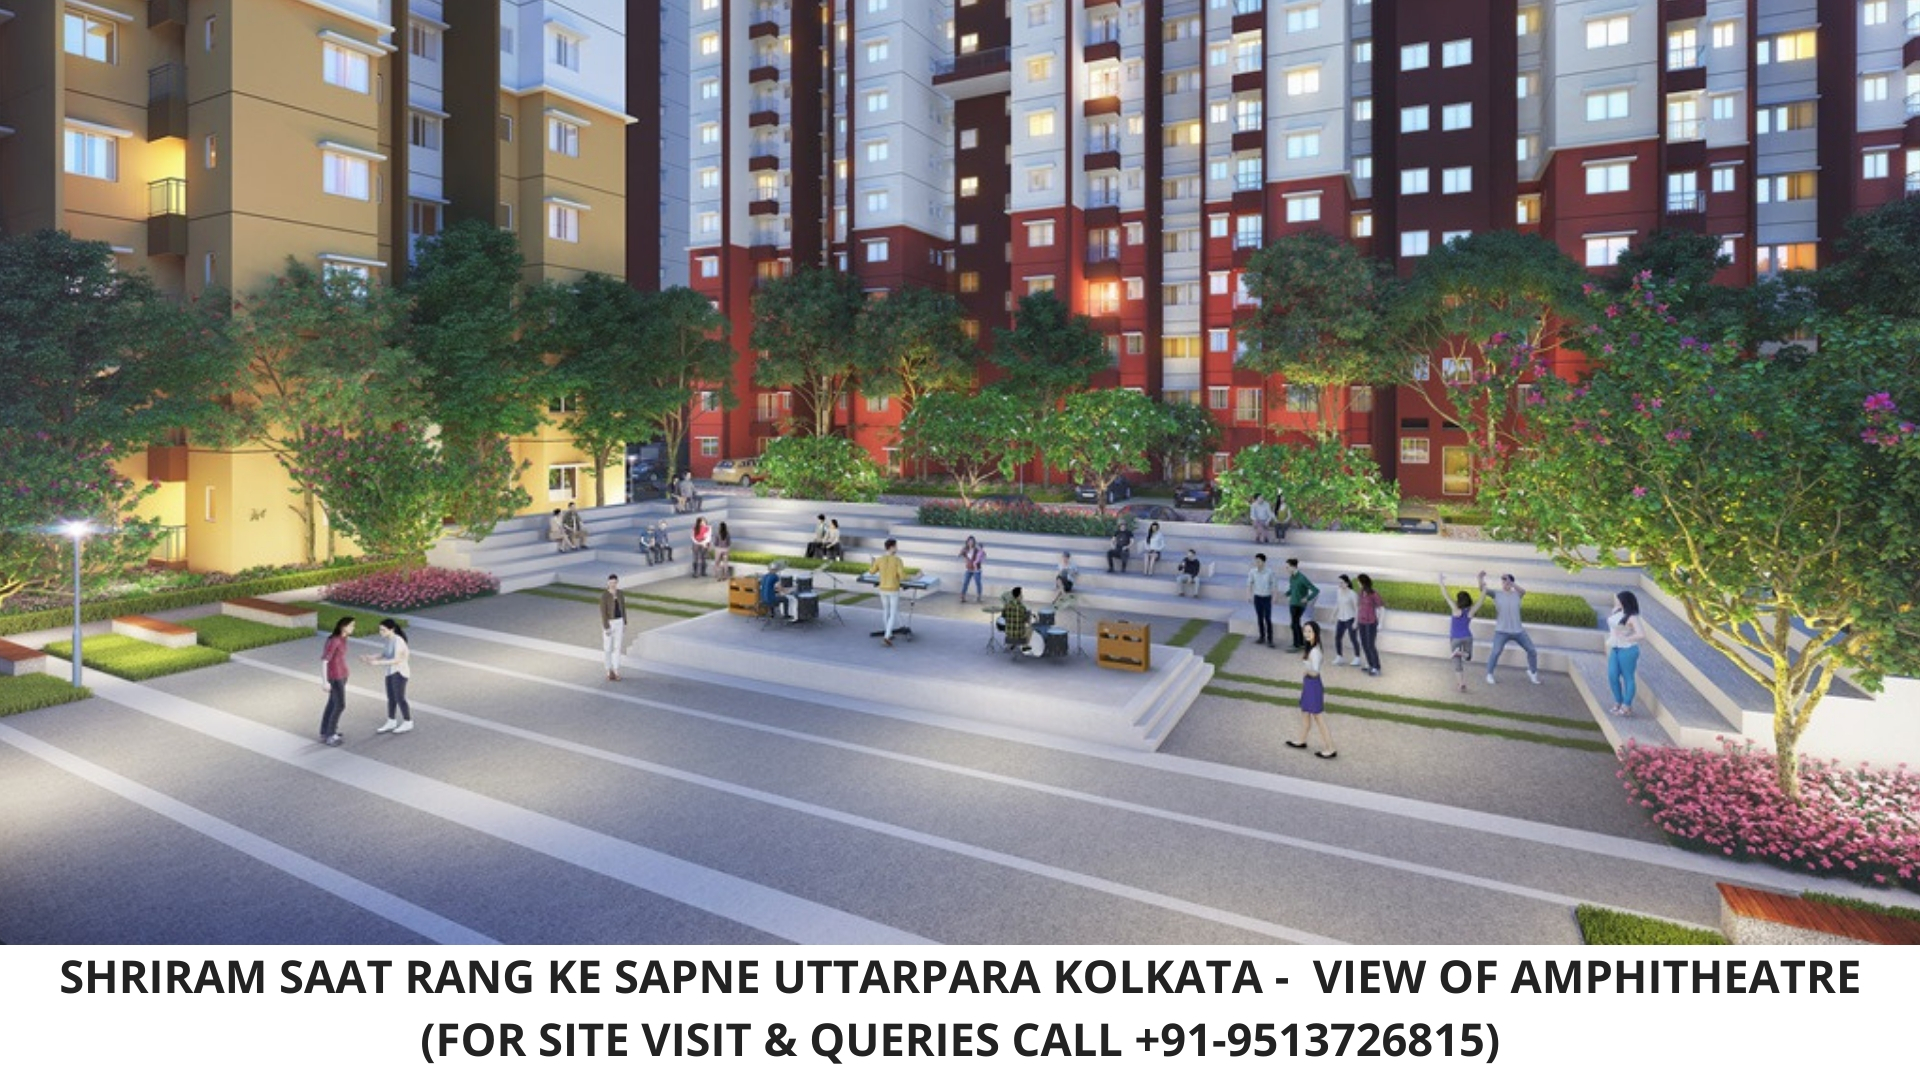 Shriram Saat Rang Ke Sapne Uttarpara Kolkata